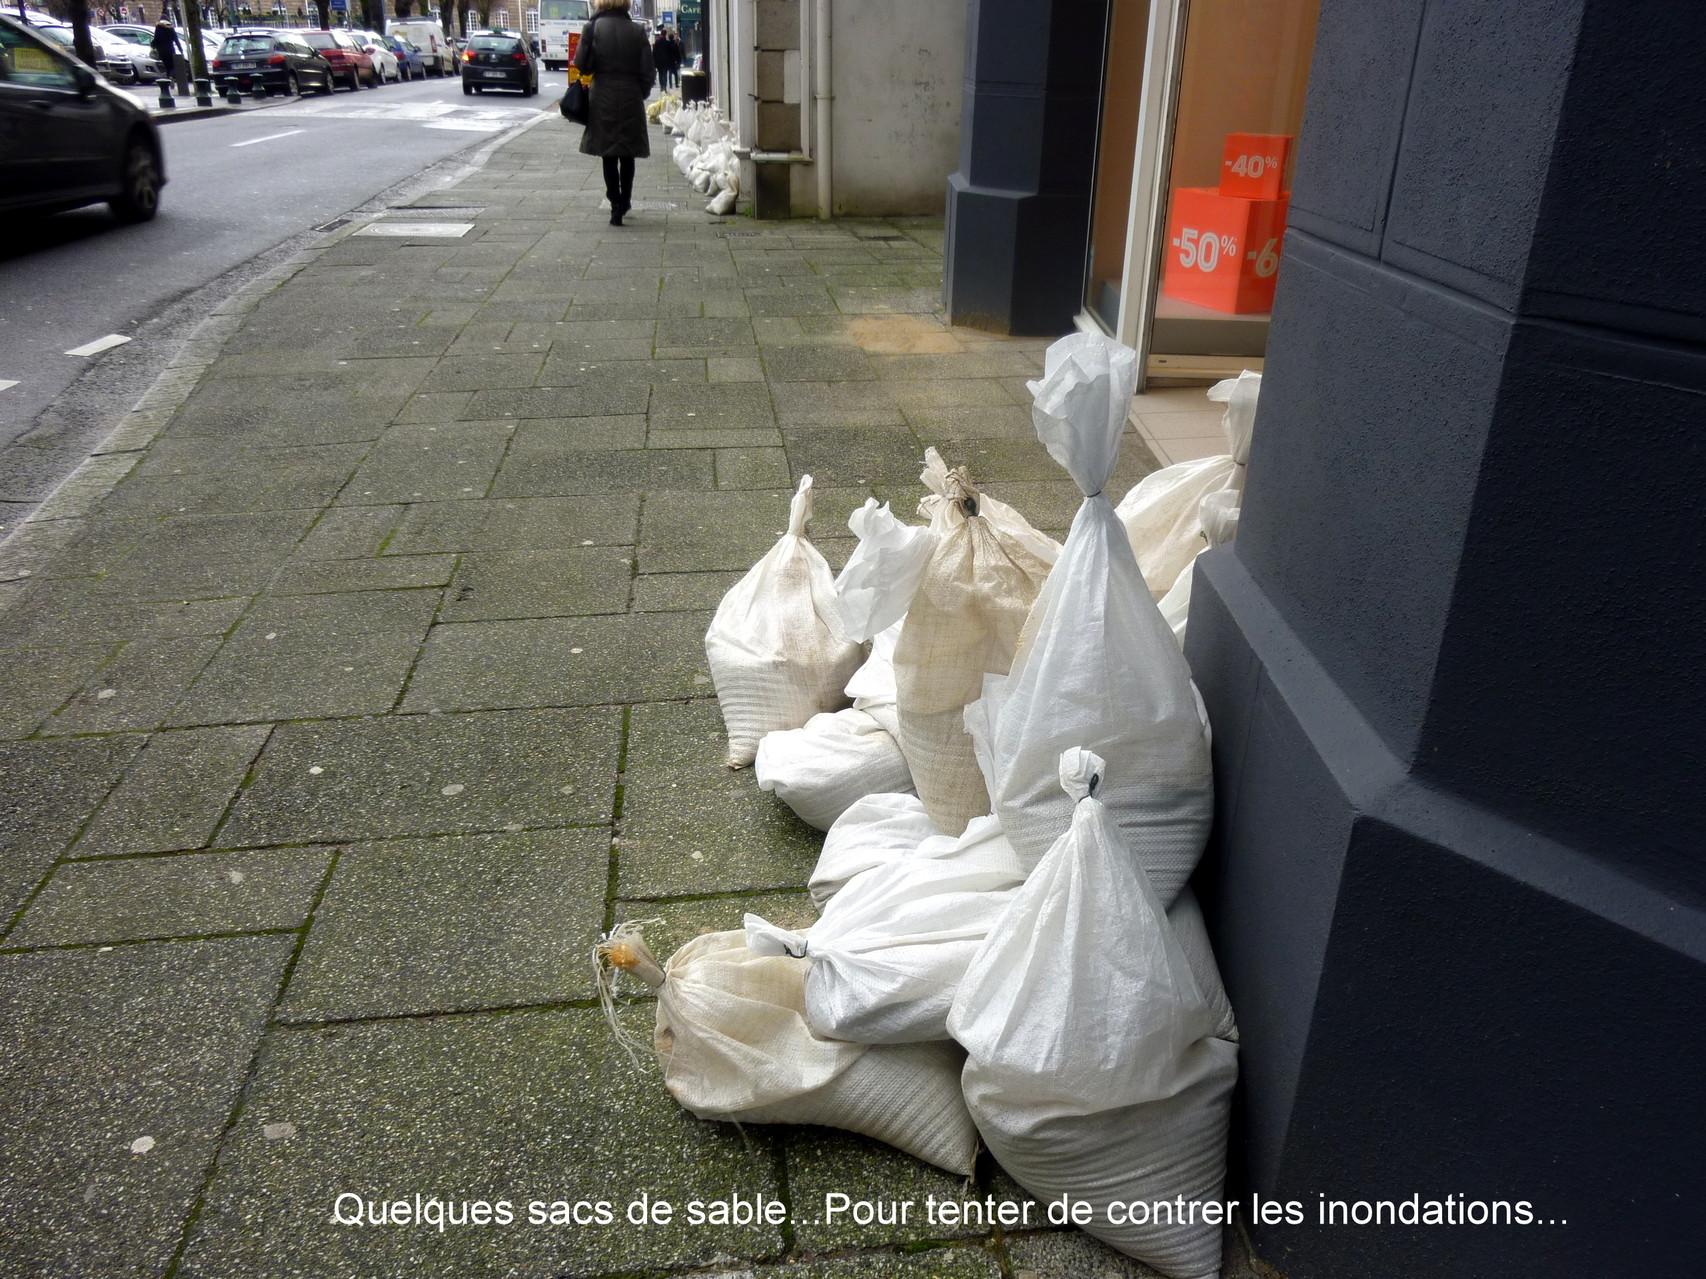 Quelques sacs de sable pour tenter de contrer la montée des eaux...